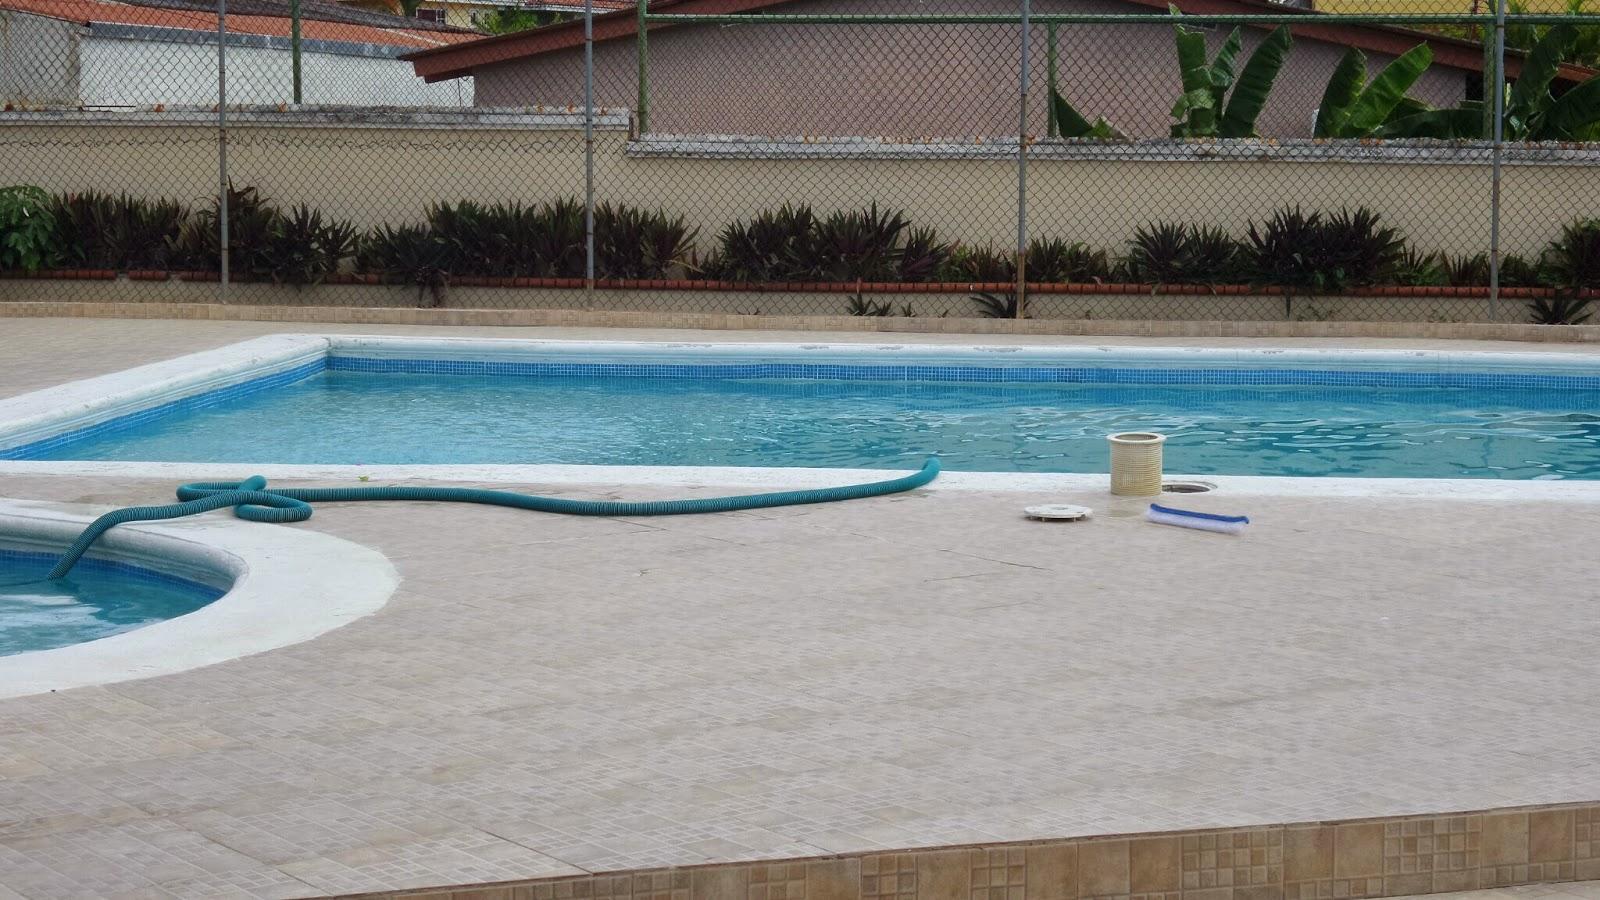 Soluciones dayman s a mantenimiento de piscinas de las for Mantenimiento de la piscina